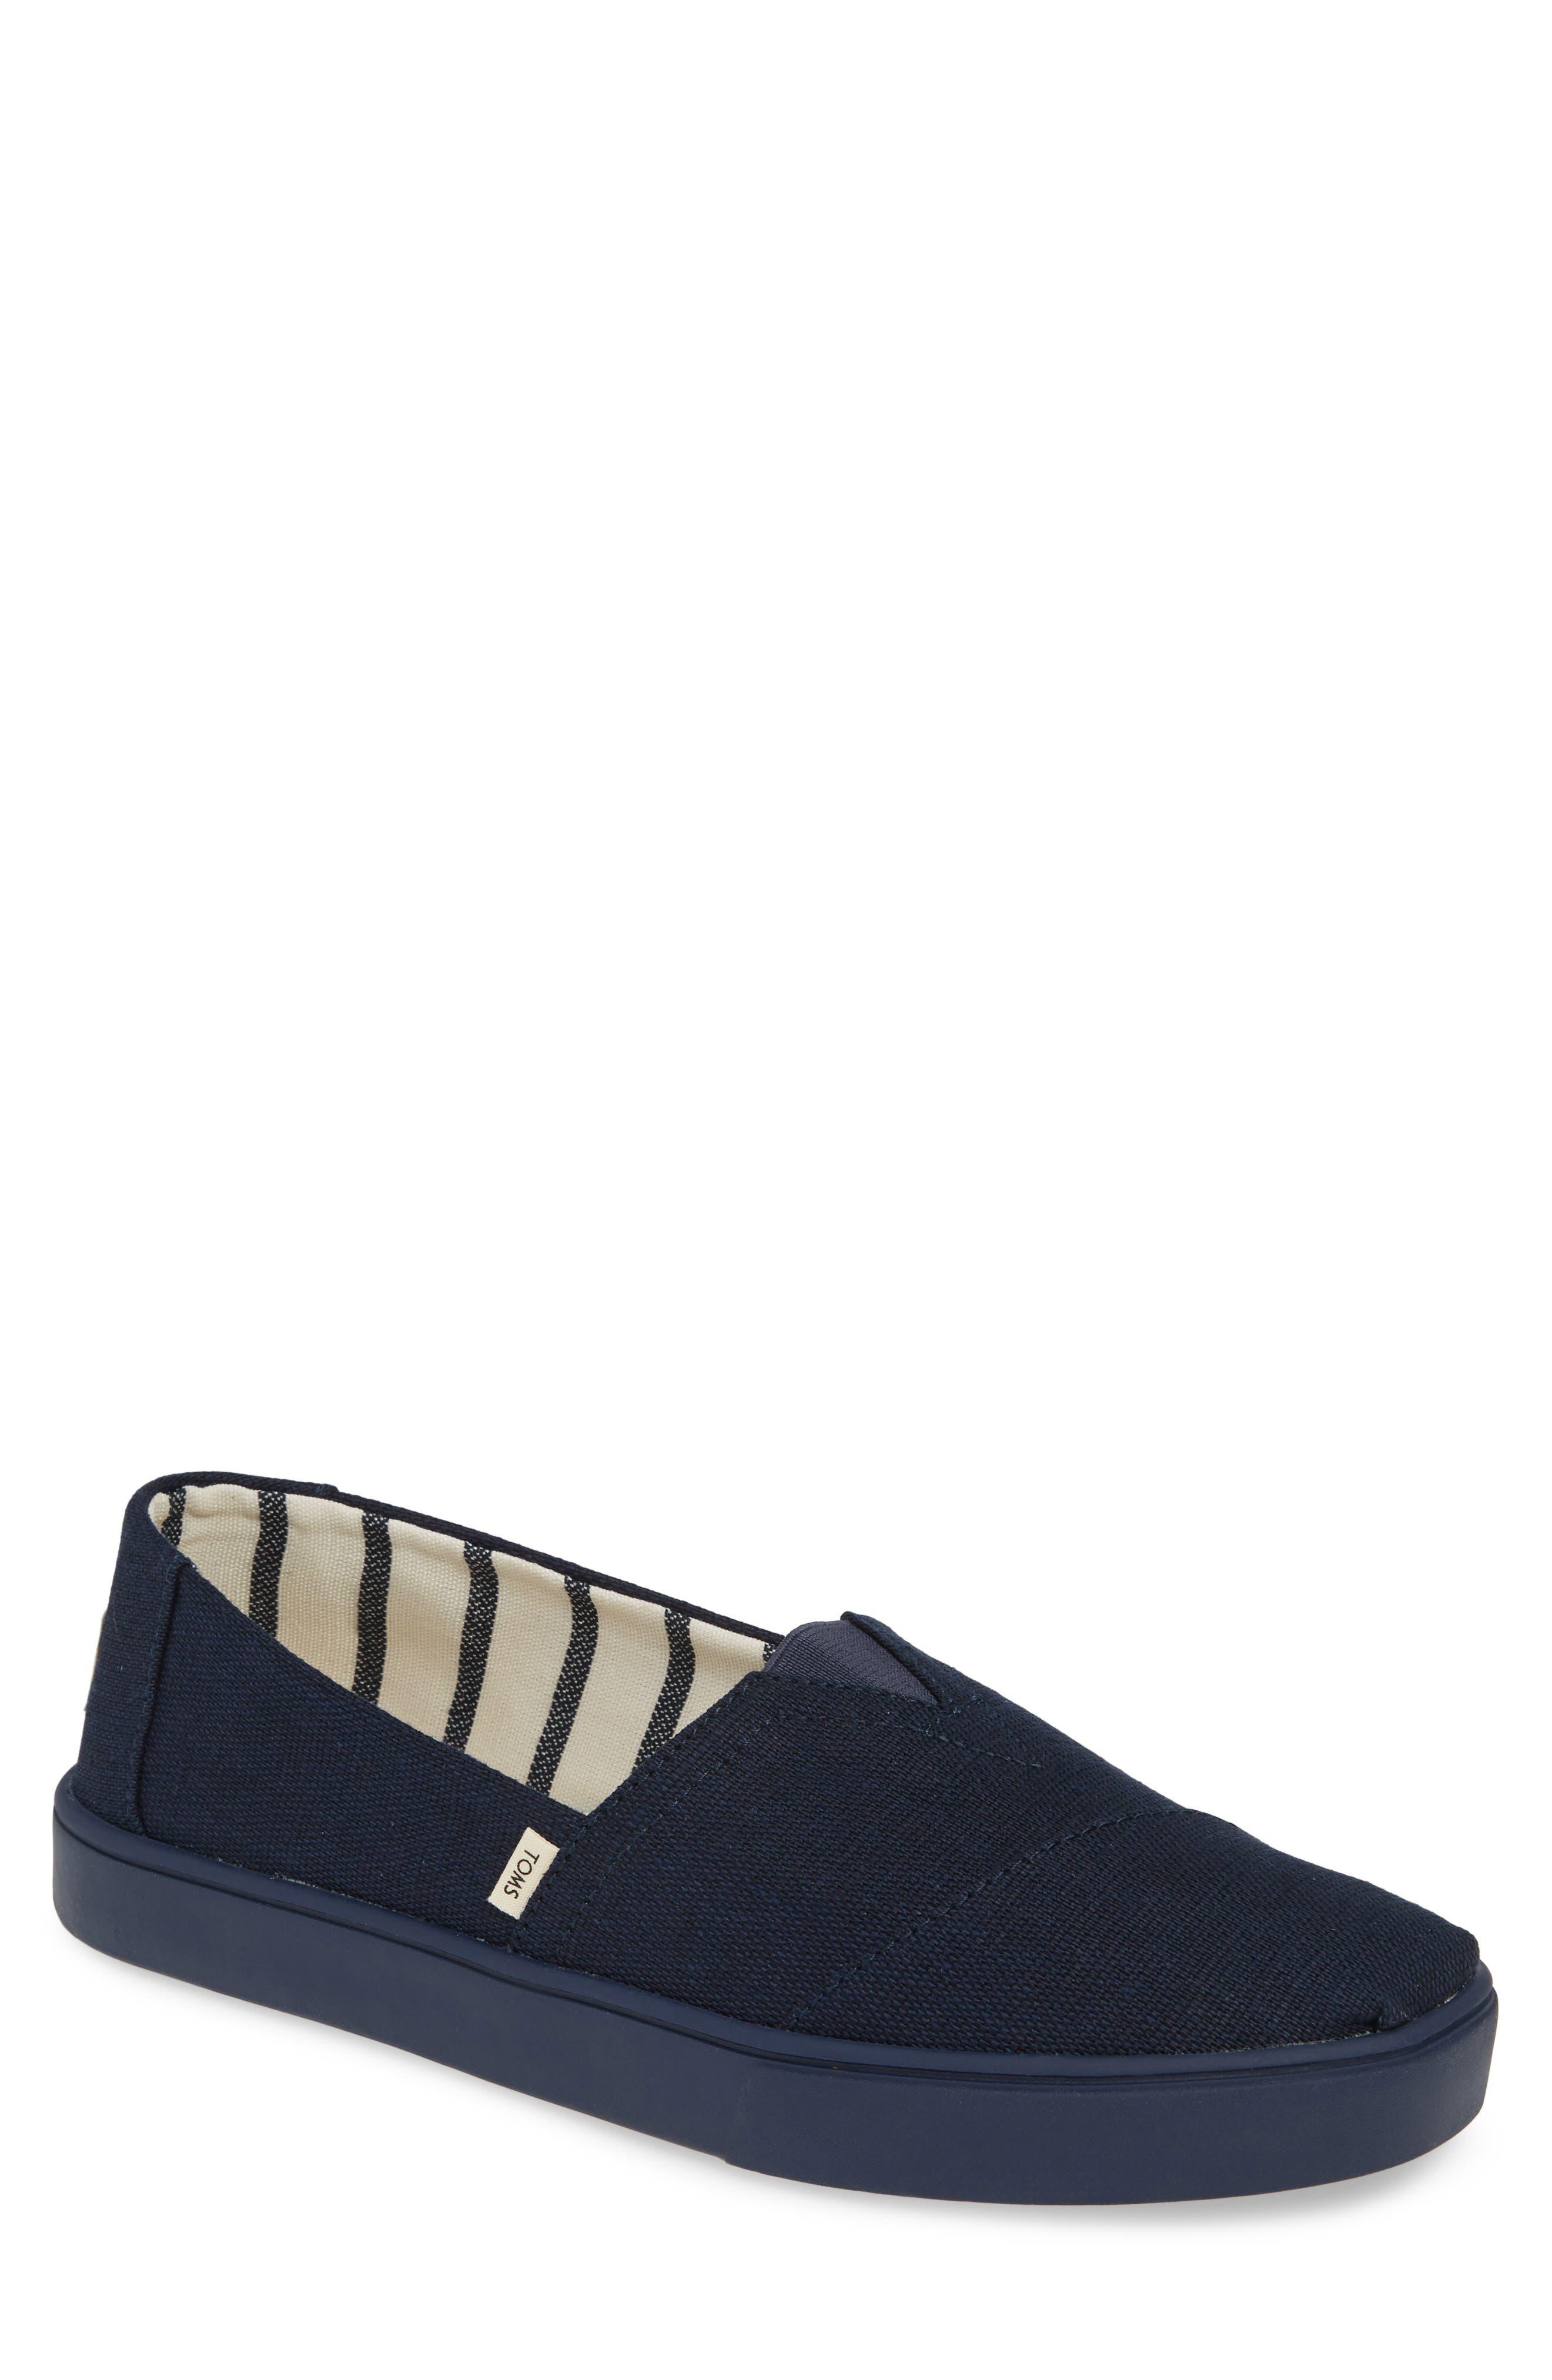 a8d1fd09dc2 Men s TOMS Shoes